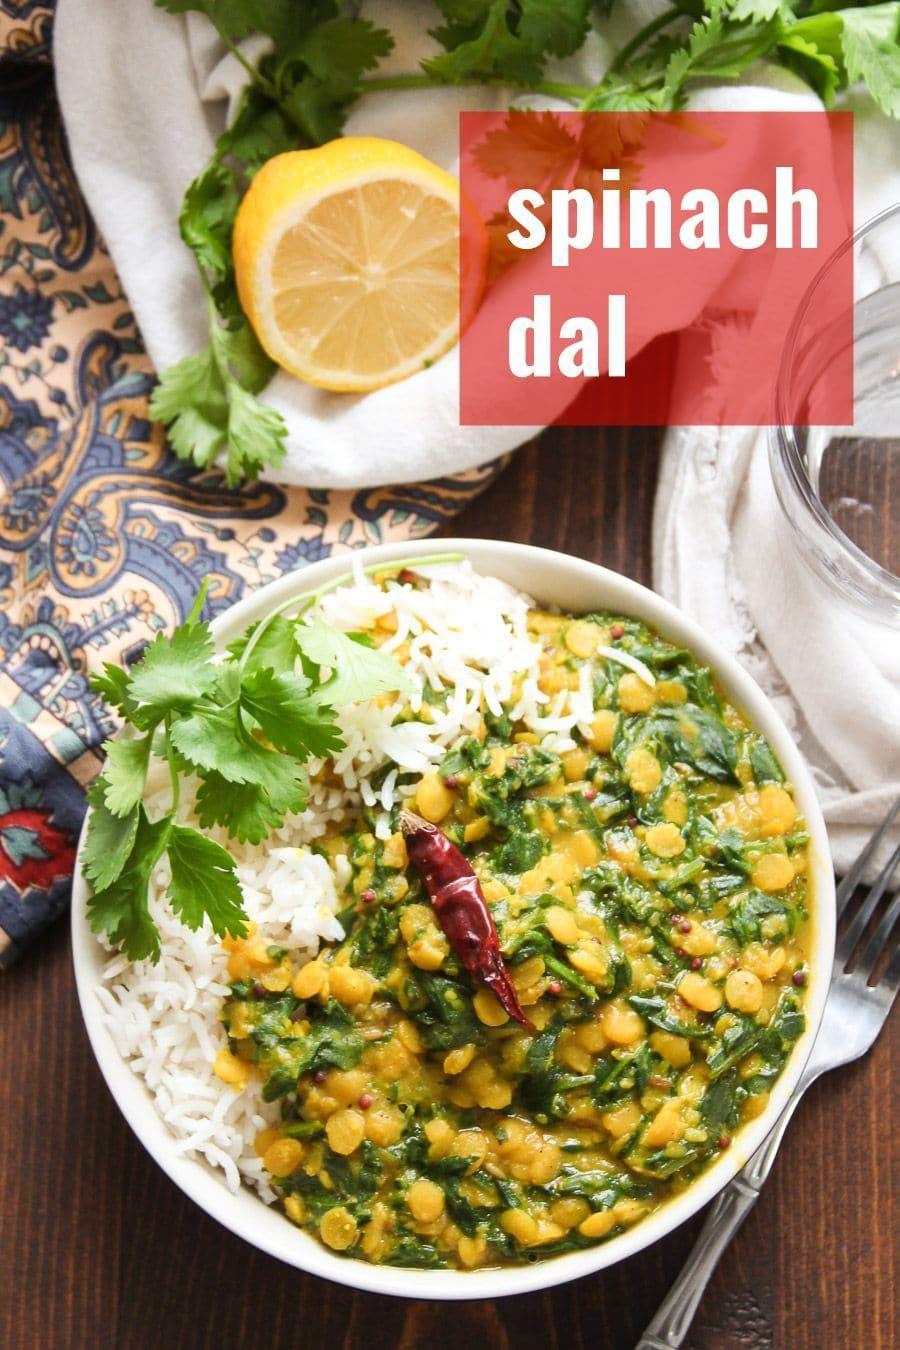 #vegetariandish